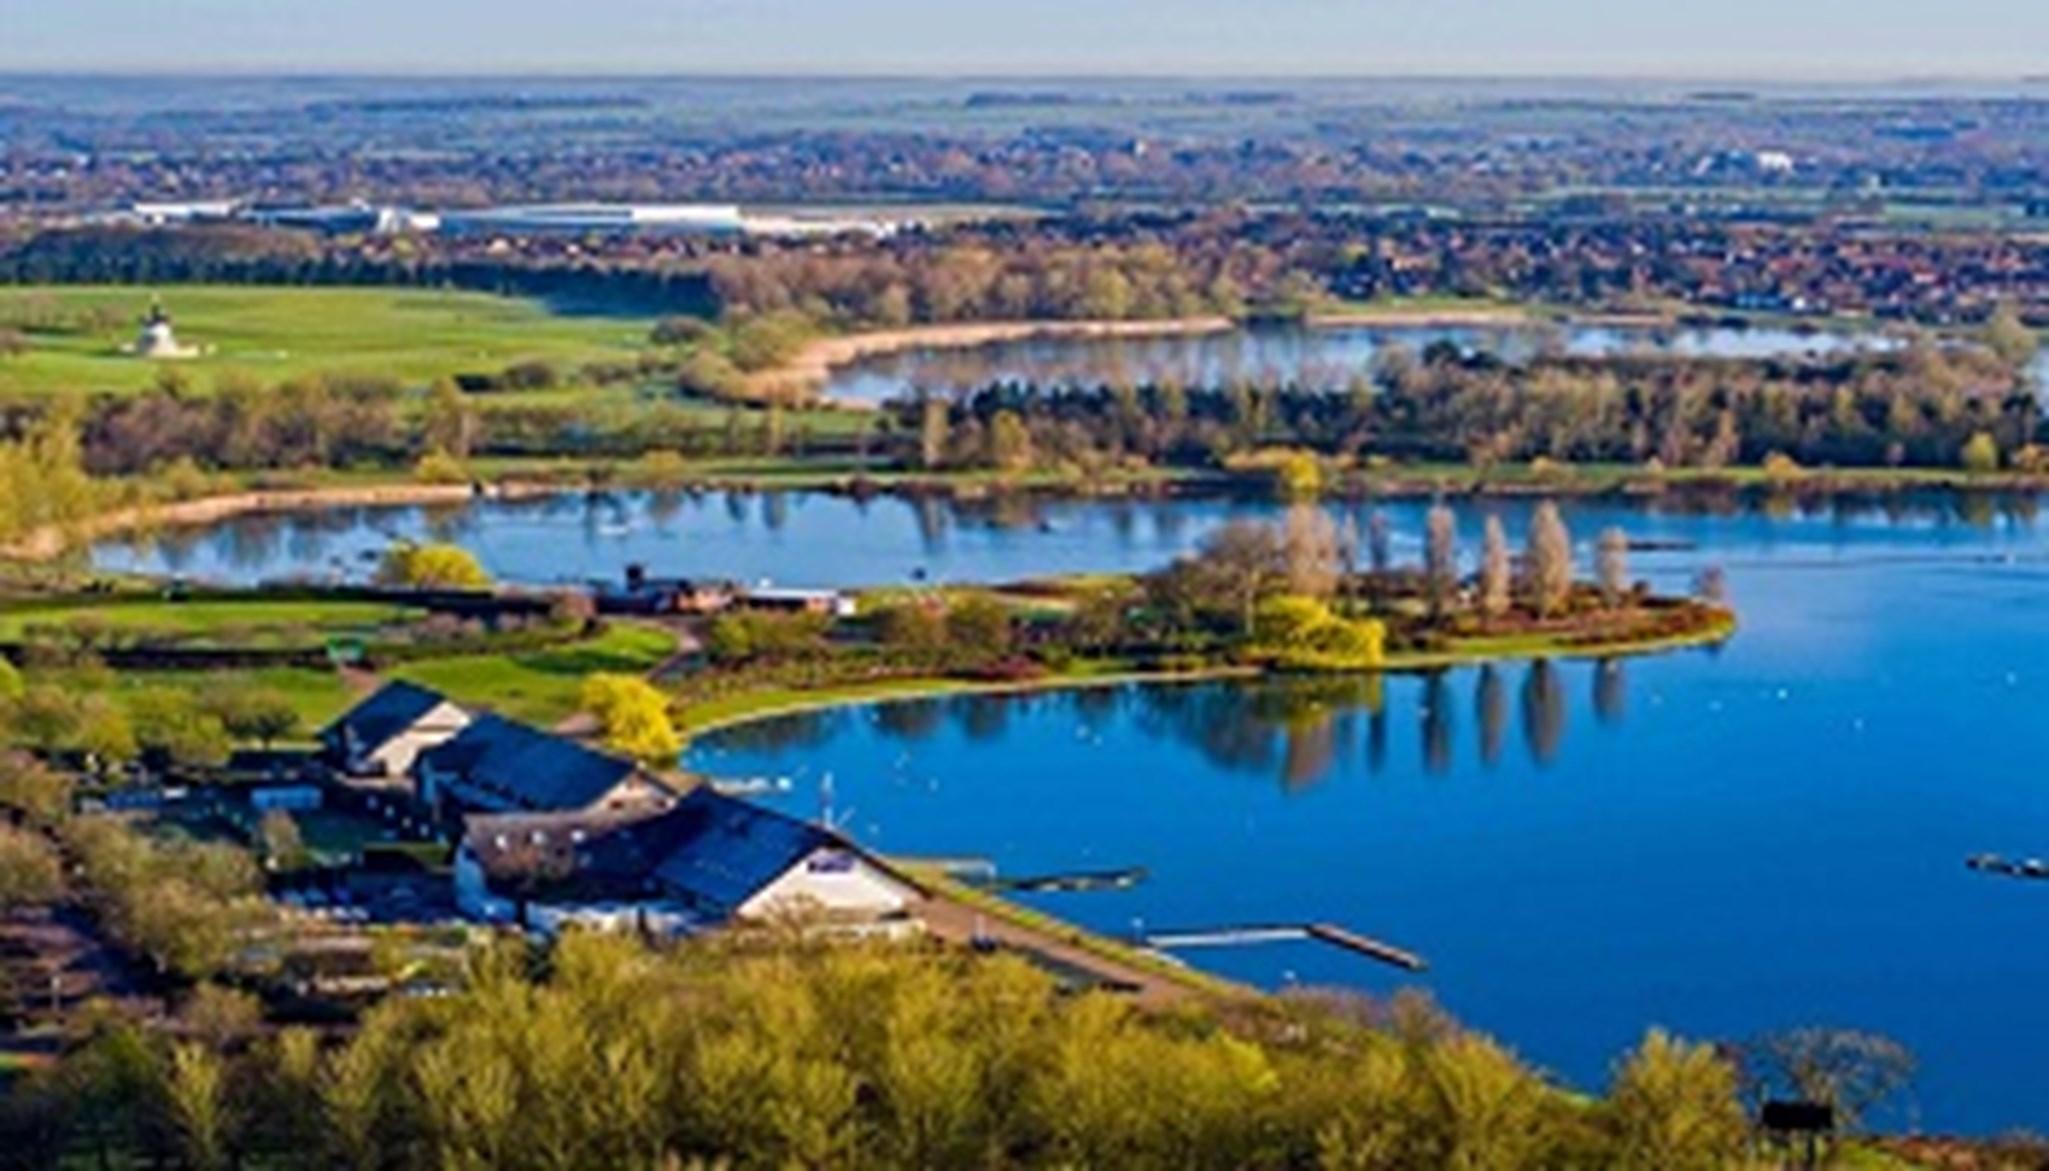 Lake Wentworth - Wikipedia